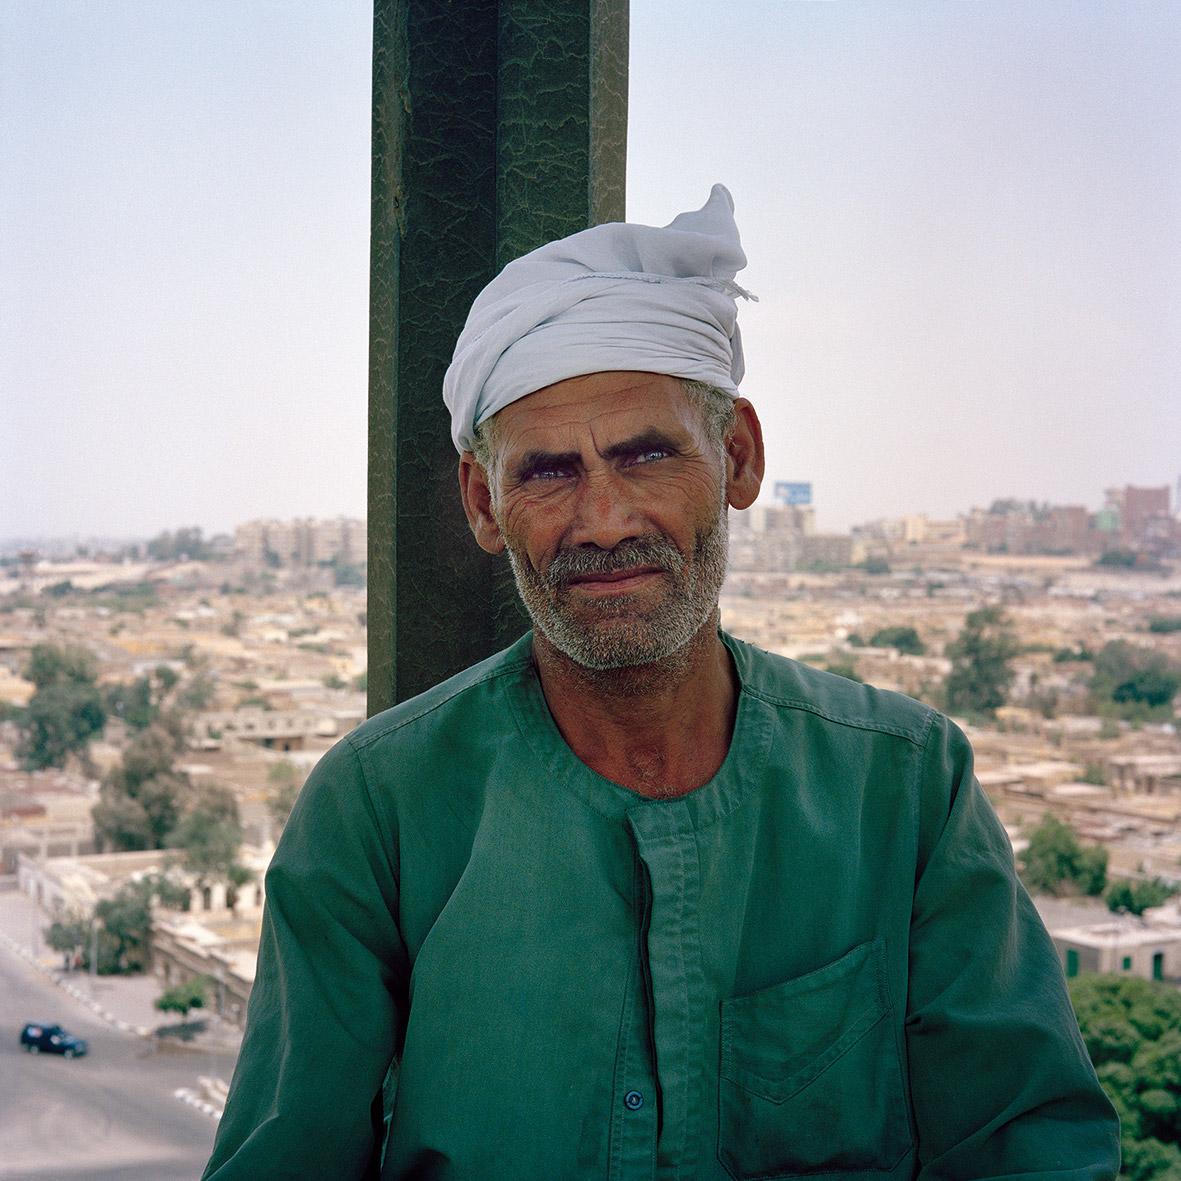 foto meier Kairo